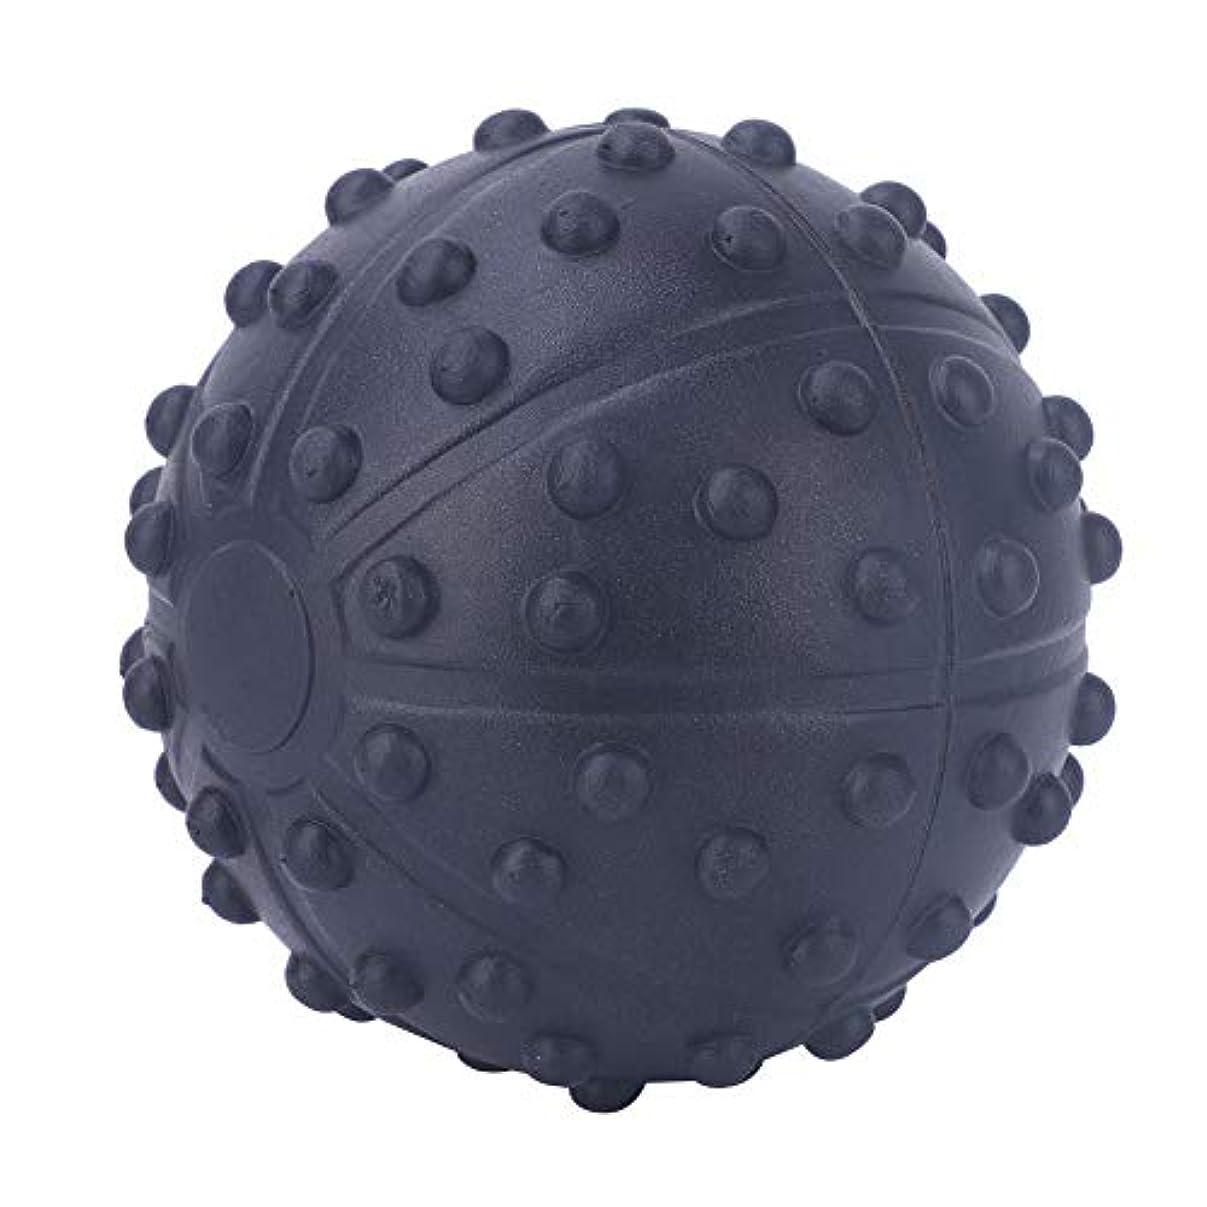 アクセスできない嫌なカール深いティッシュヨガの筋膜の球、ヨガの疲労筋肉は筋肉救済、背部、首および足のマッサージャーのためのスポーツの球を取り除きます